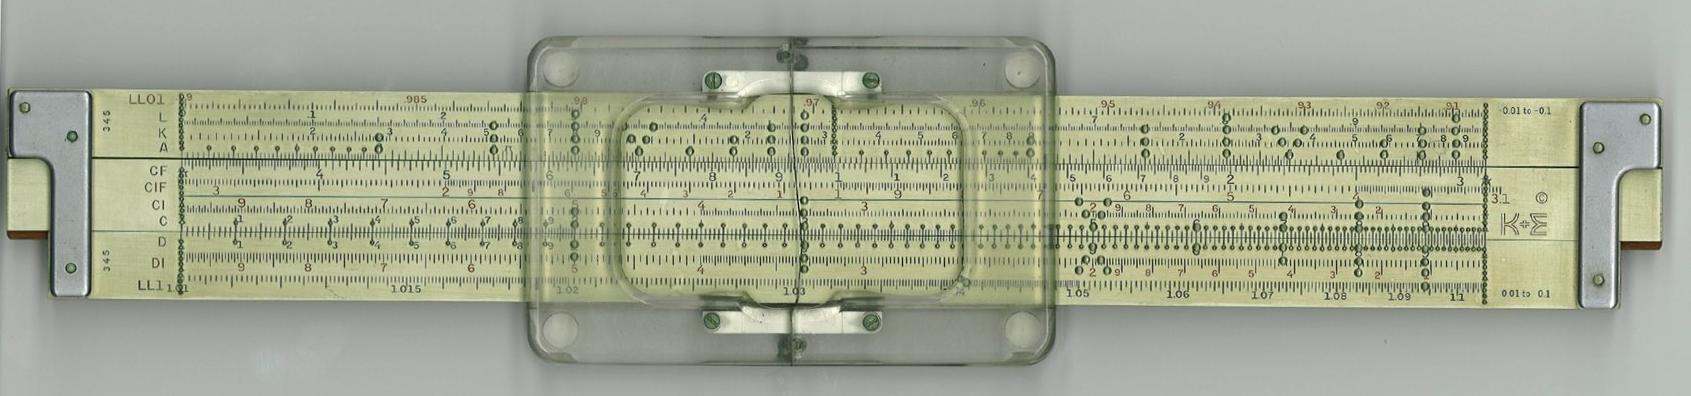 Brail 4081-3